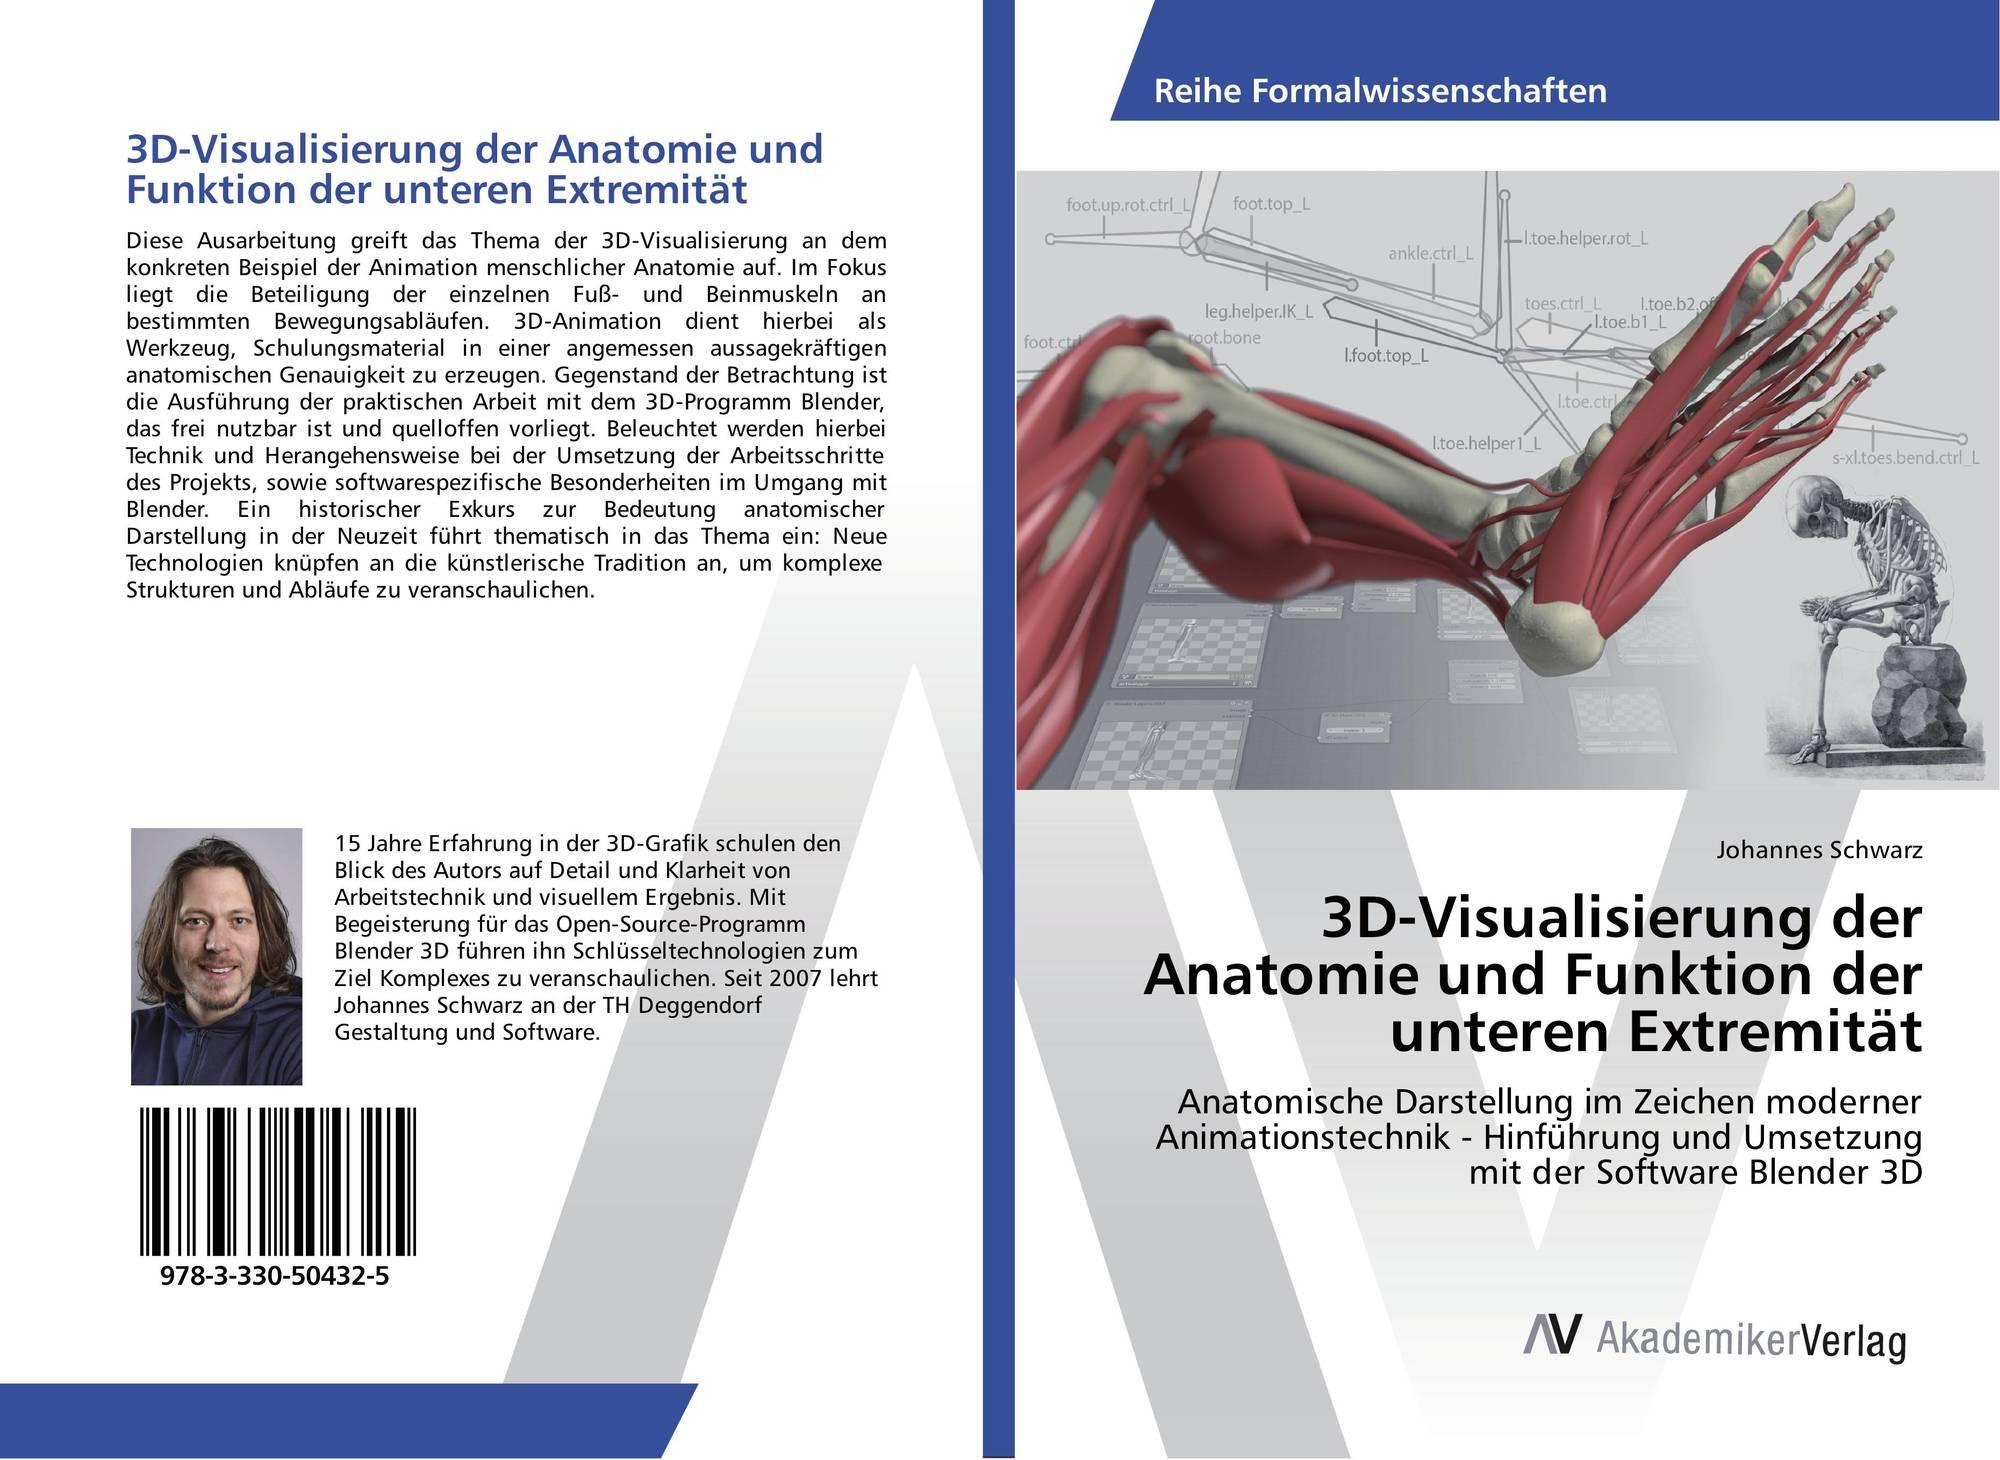 3D-Visualisierung der Anatomie und Funktion der unteren Extremität ...